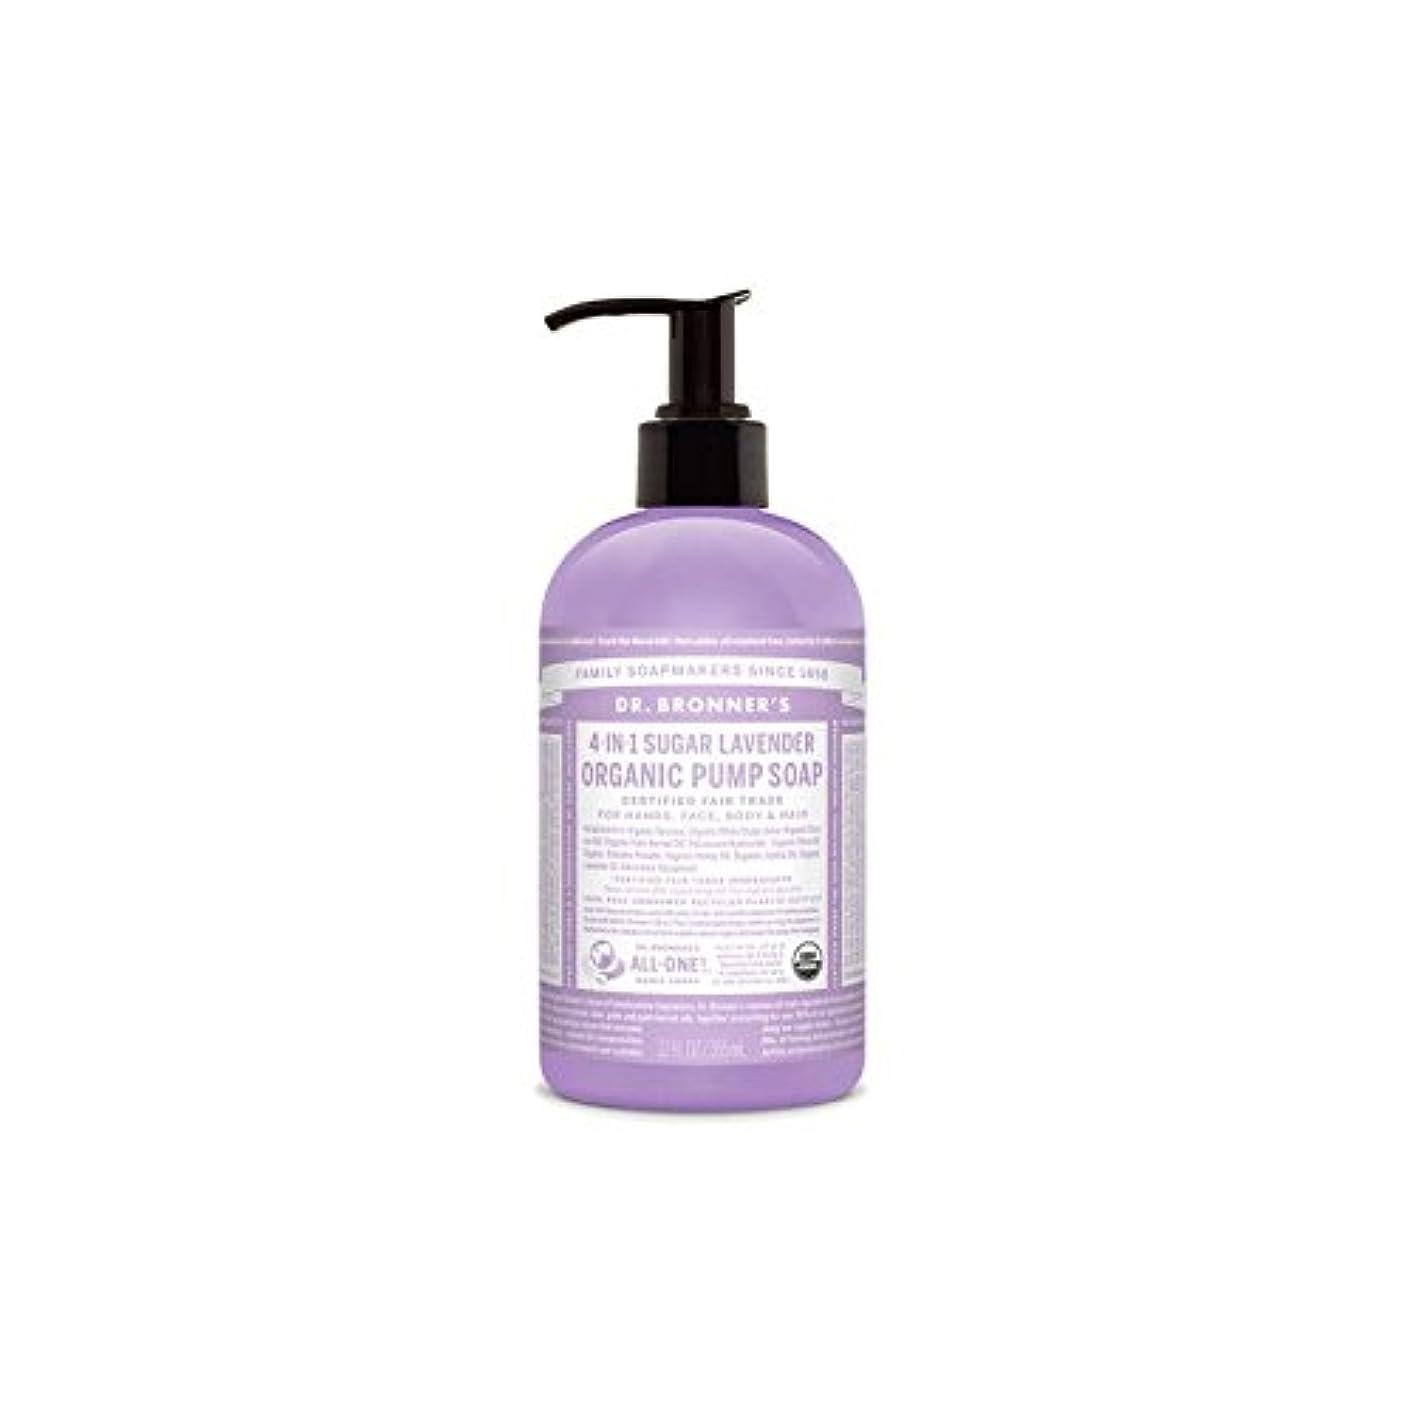 怒り魅惑する泳ぐブロナー有機ラベンダーハンドソープ(355ミリリットル) x2 - Dr. Bronner Organic Shikakai Lavender Hand Soap (355ml) (Pack of 2) [並行輸入品]